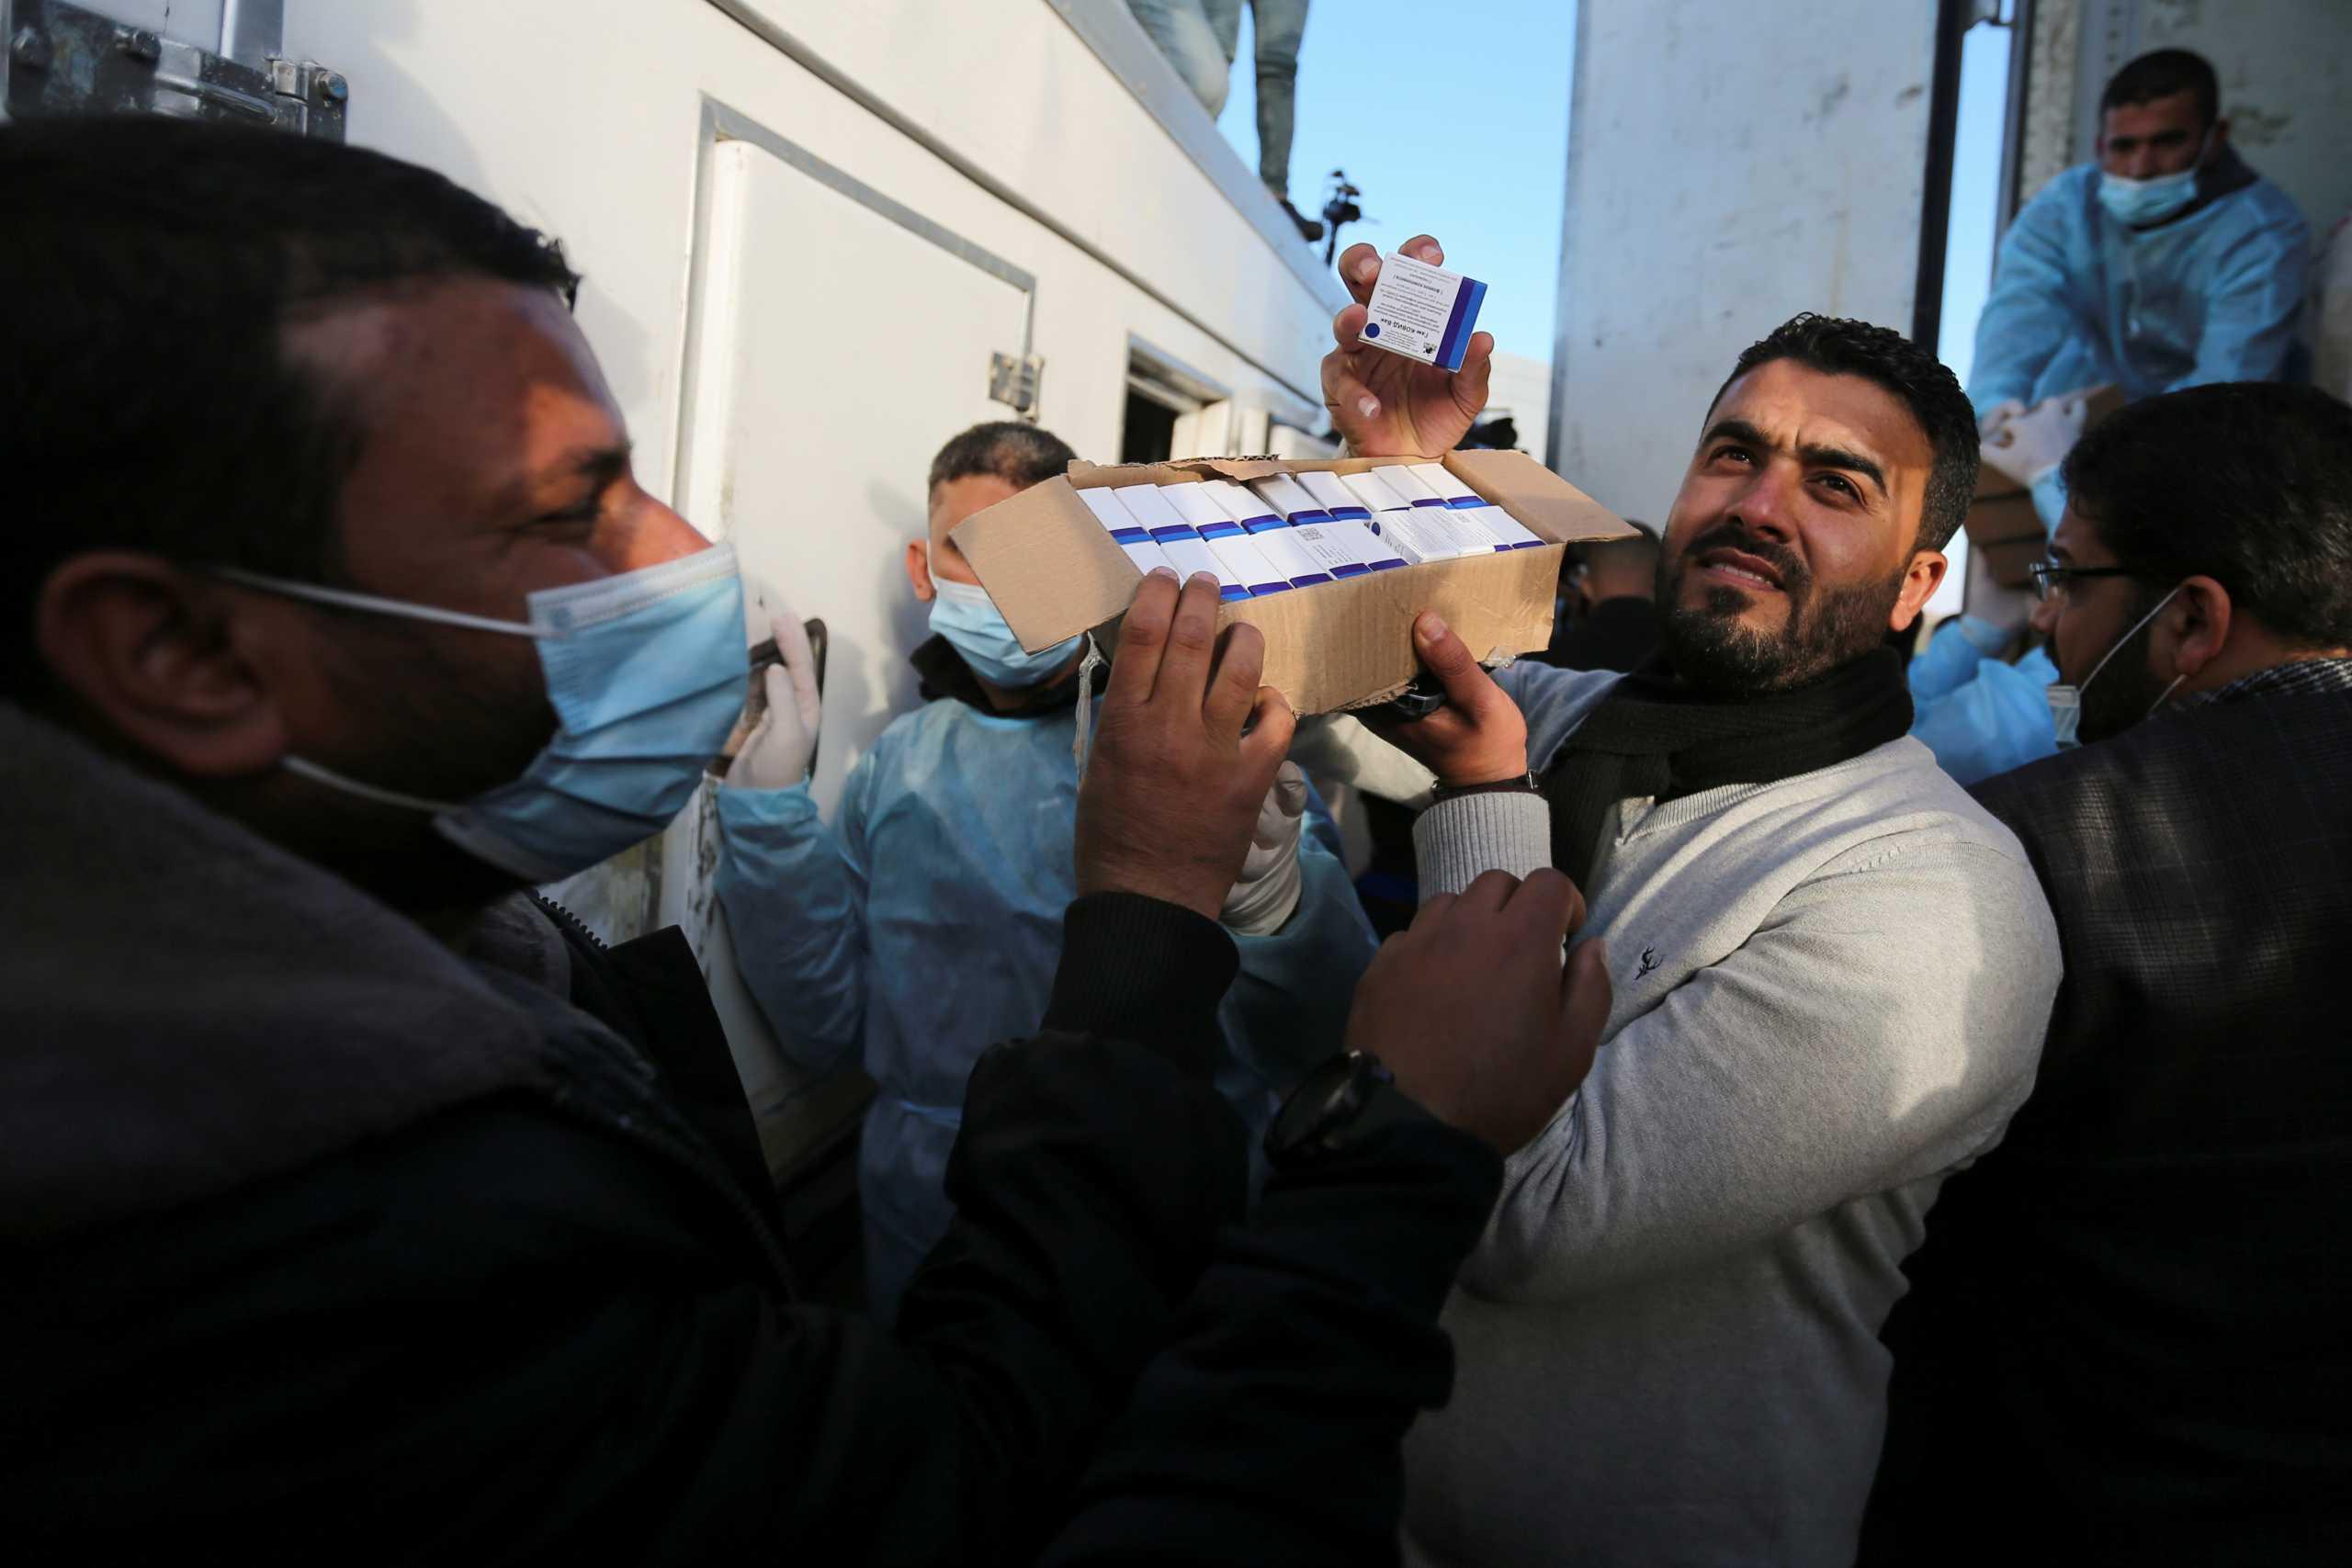 Παλαιστίνη – Κορονοϊός: Παρέλαβε χιλιάδες δόσεις εμβολίων  από τα Ηνωμένα Αραβικά Εμιράτα